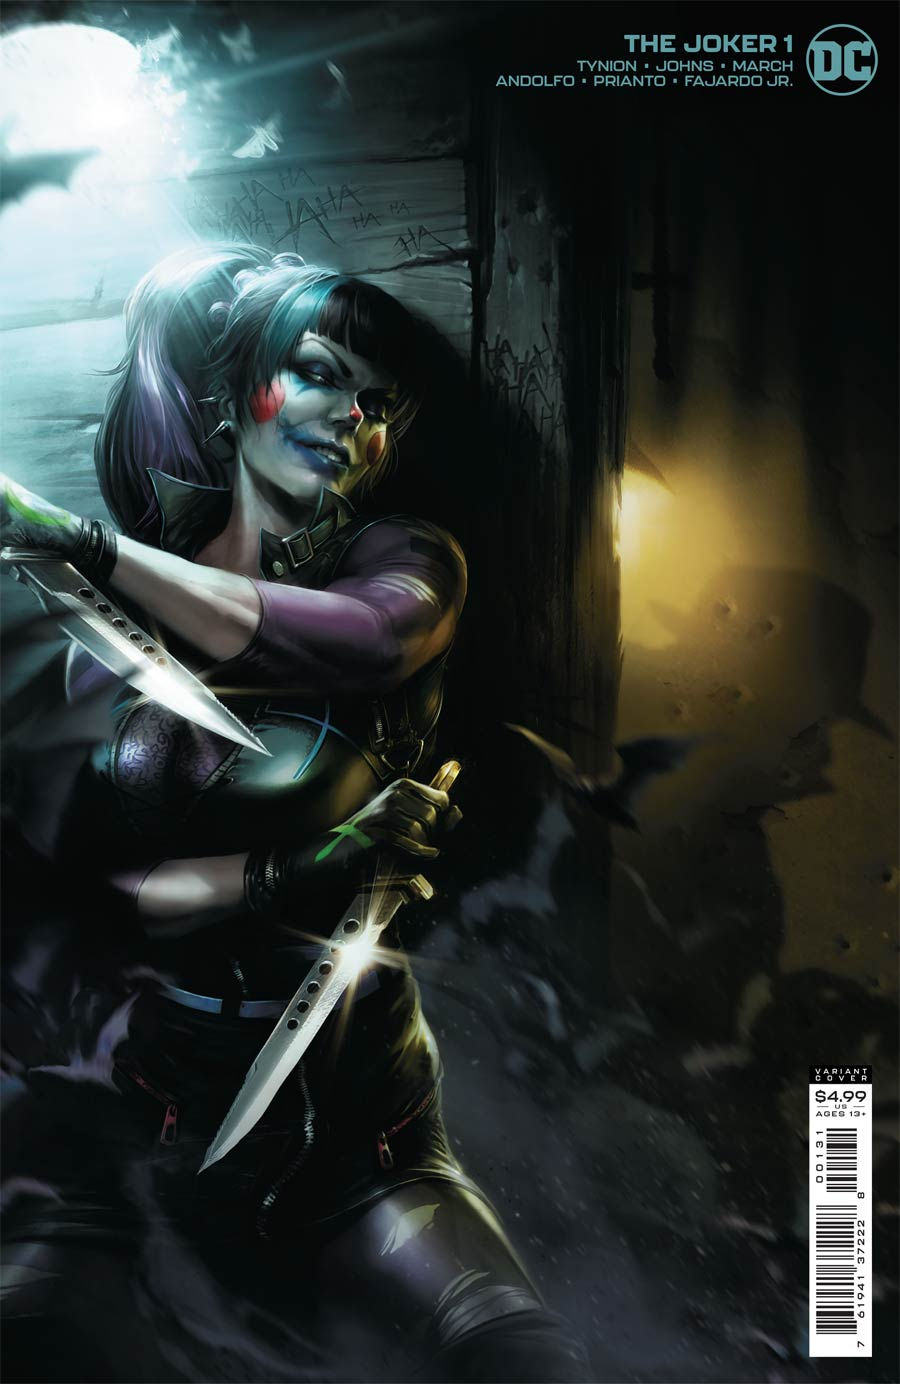 Joker Vol 2 #1 Cover C Variant Francesco Mattina Cover